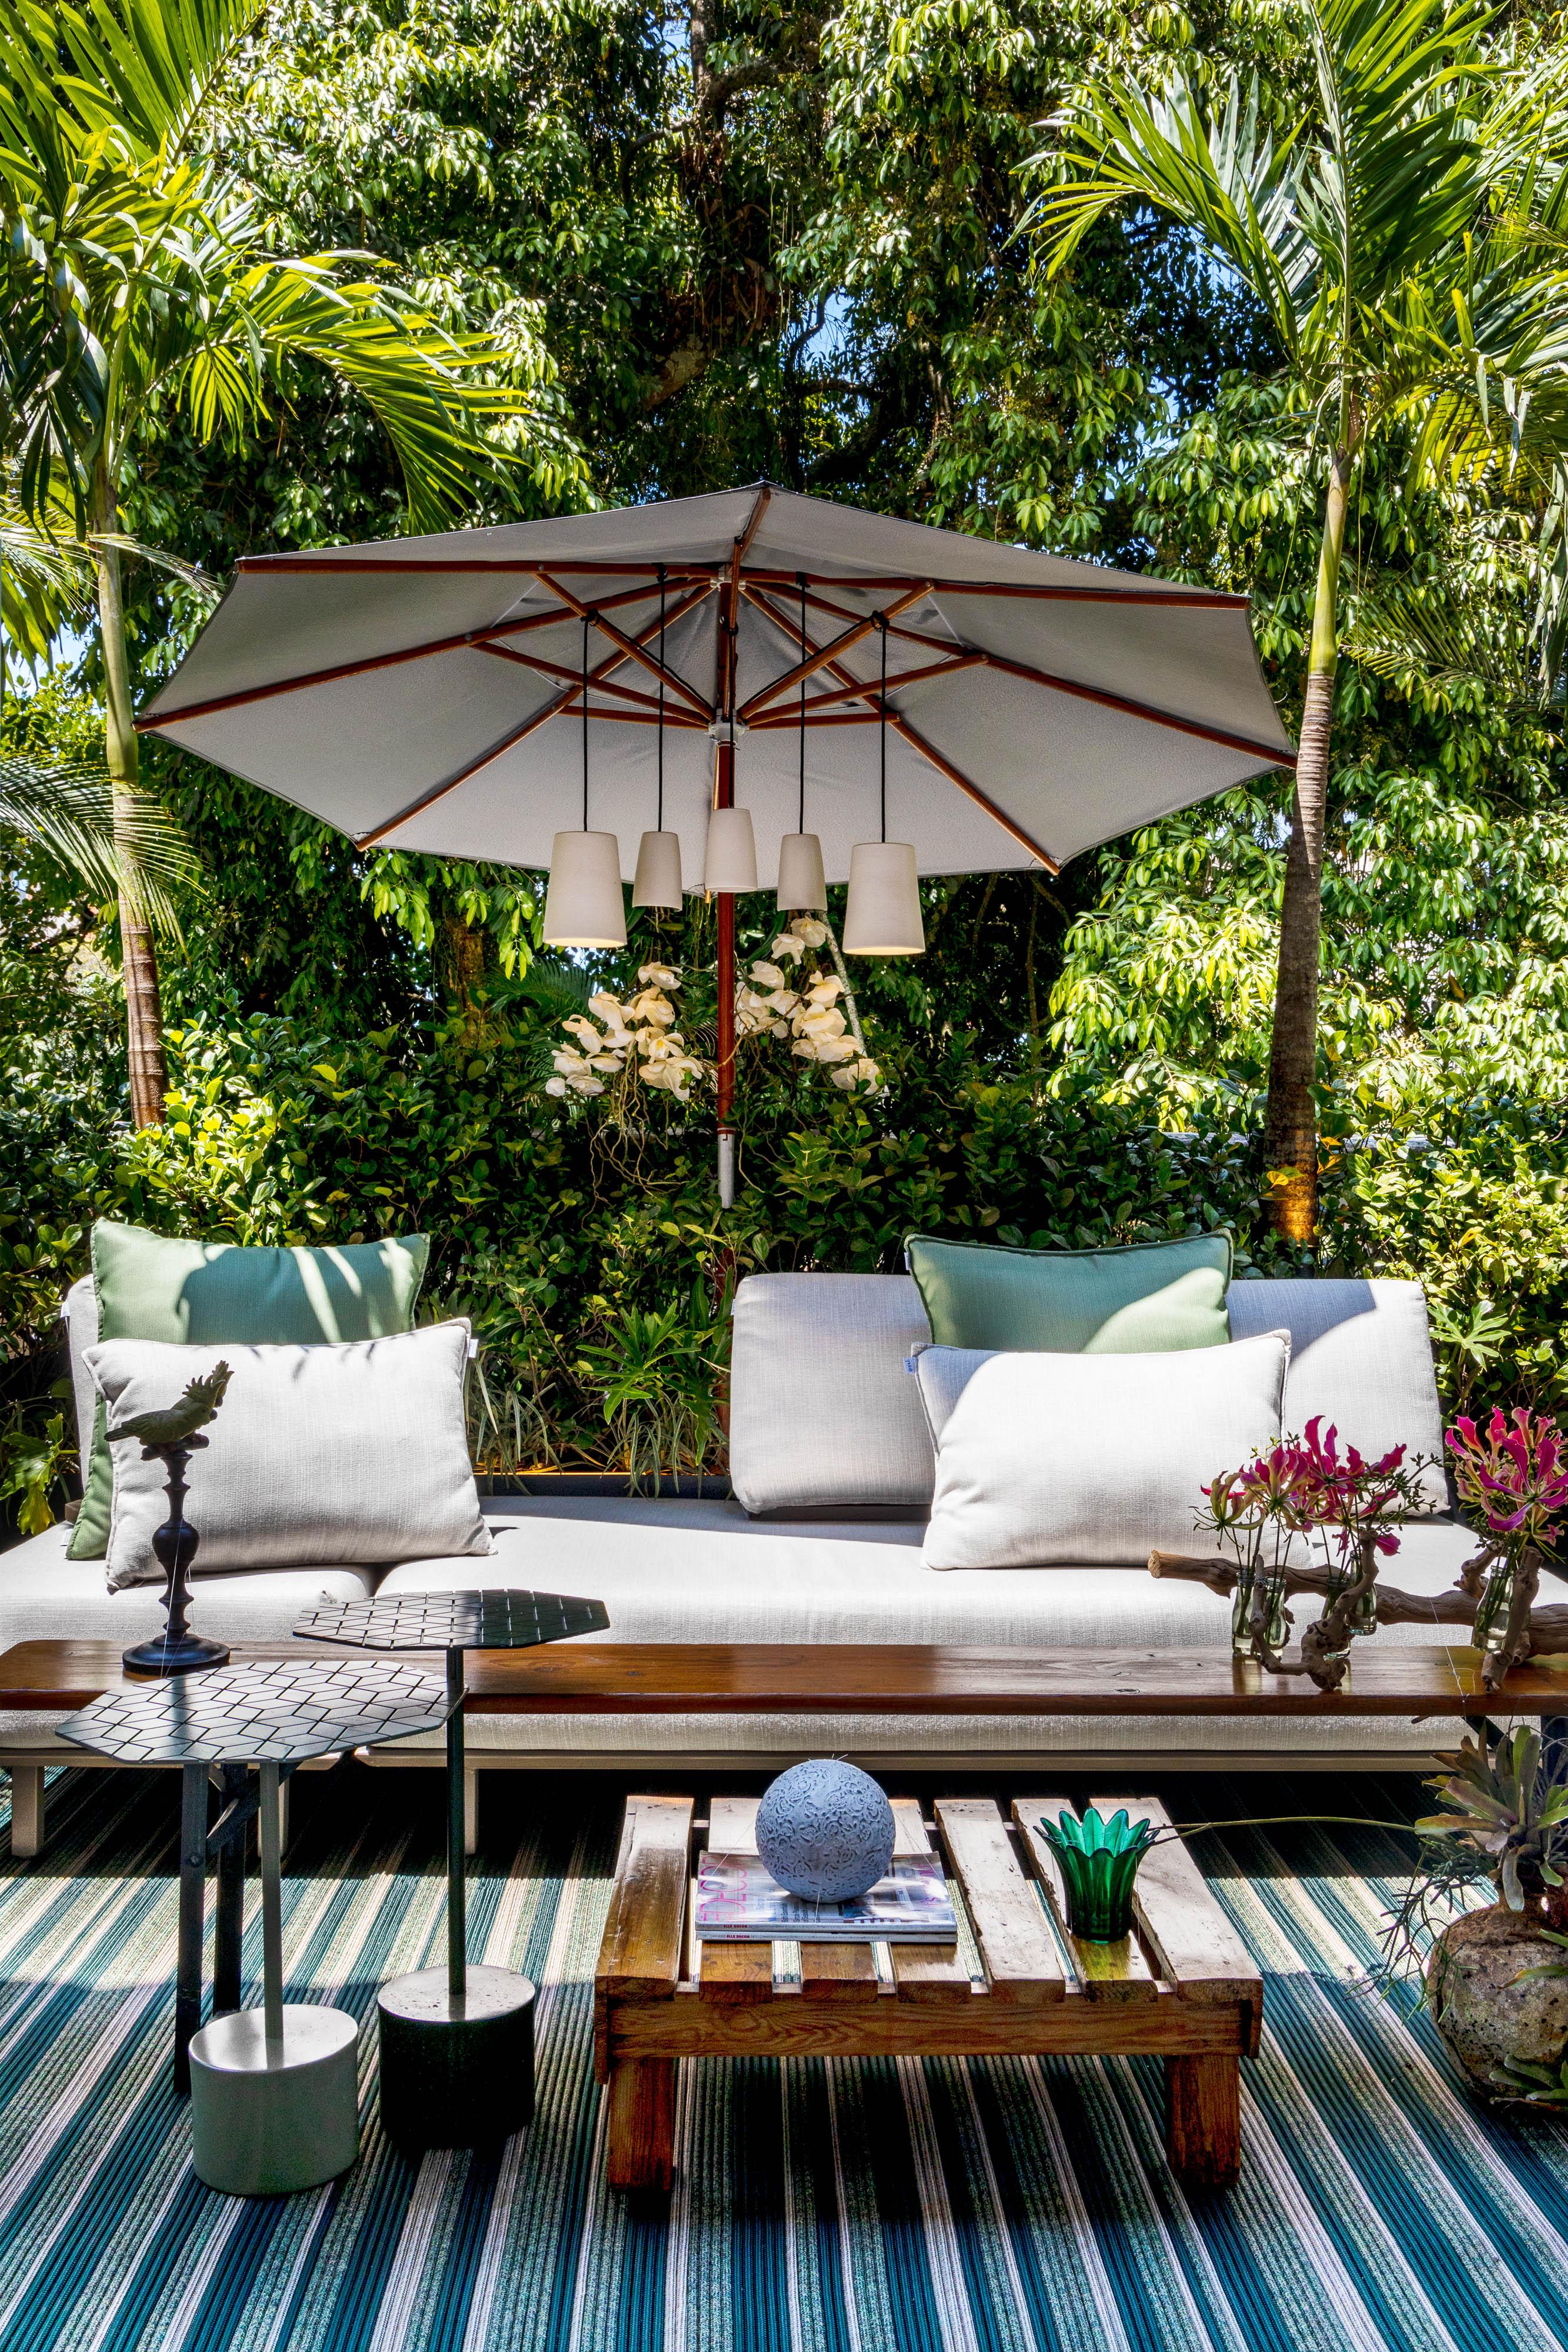 Varanda da Casacor de 2021 com um grande sofá e ombrelone